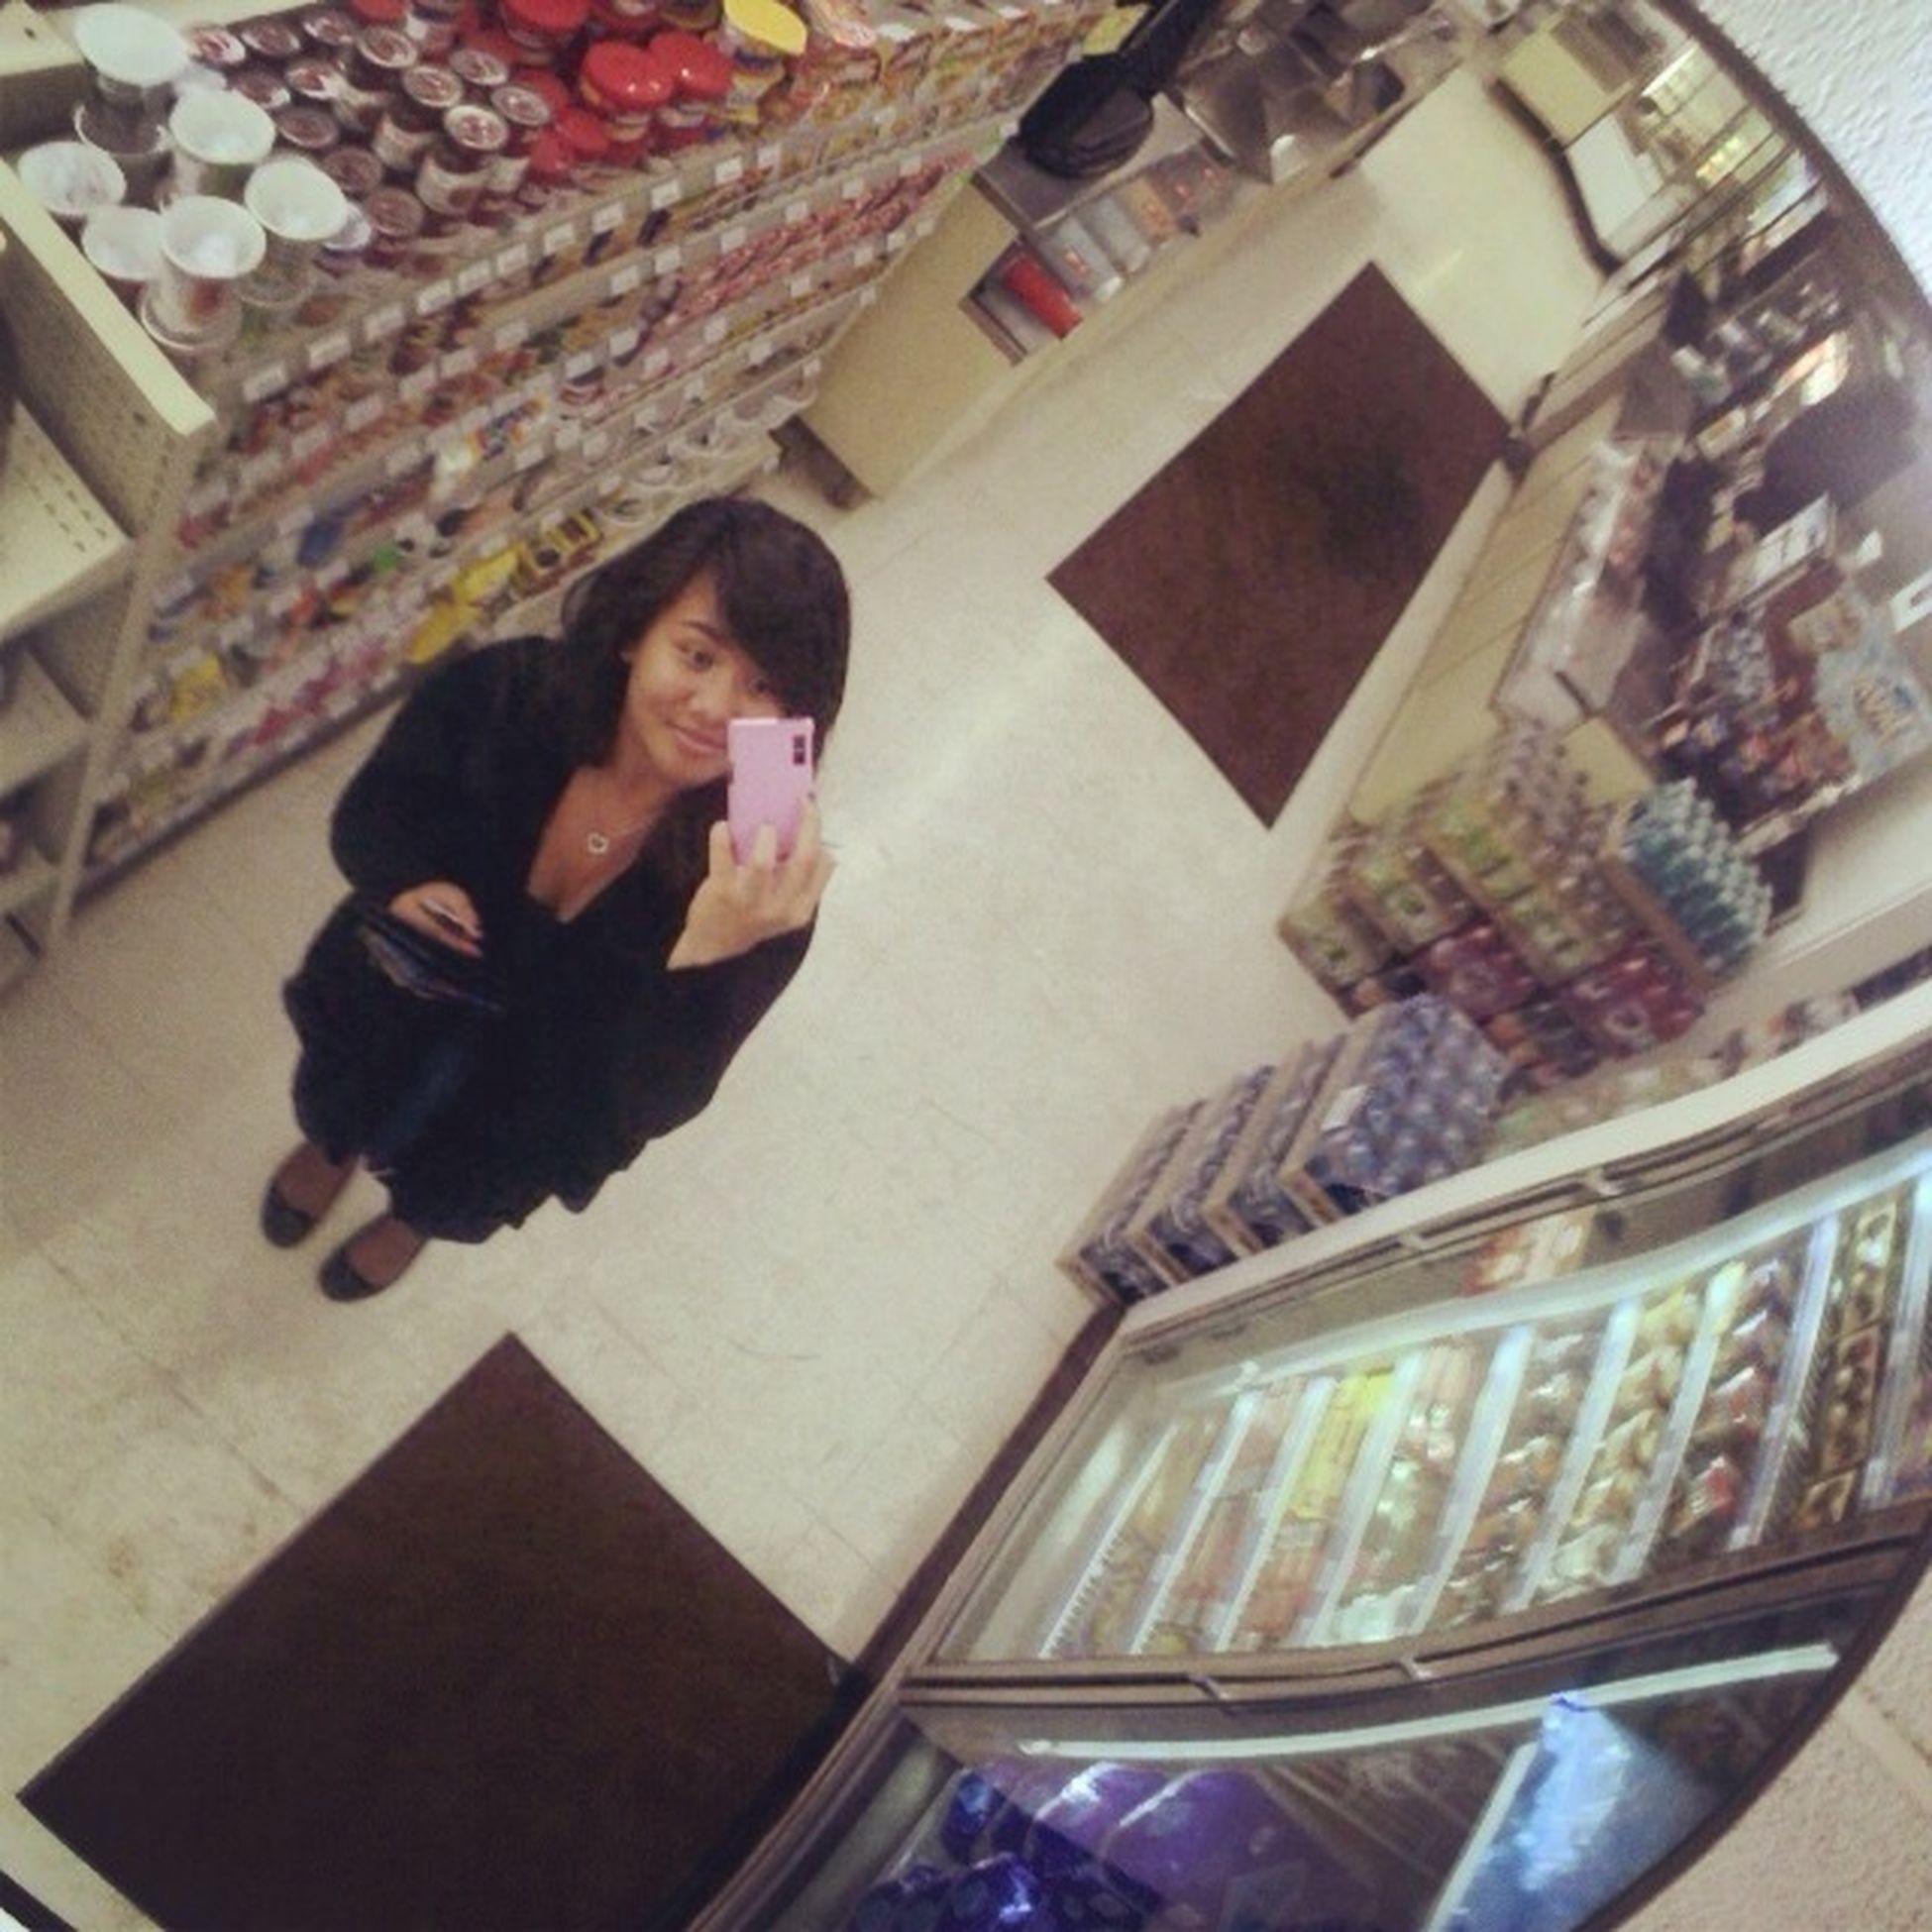 Being weird x)